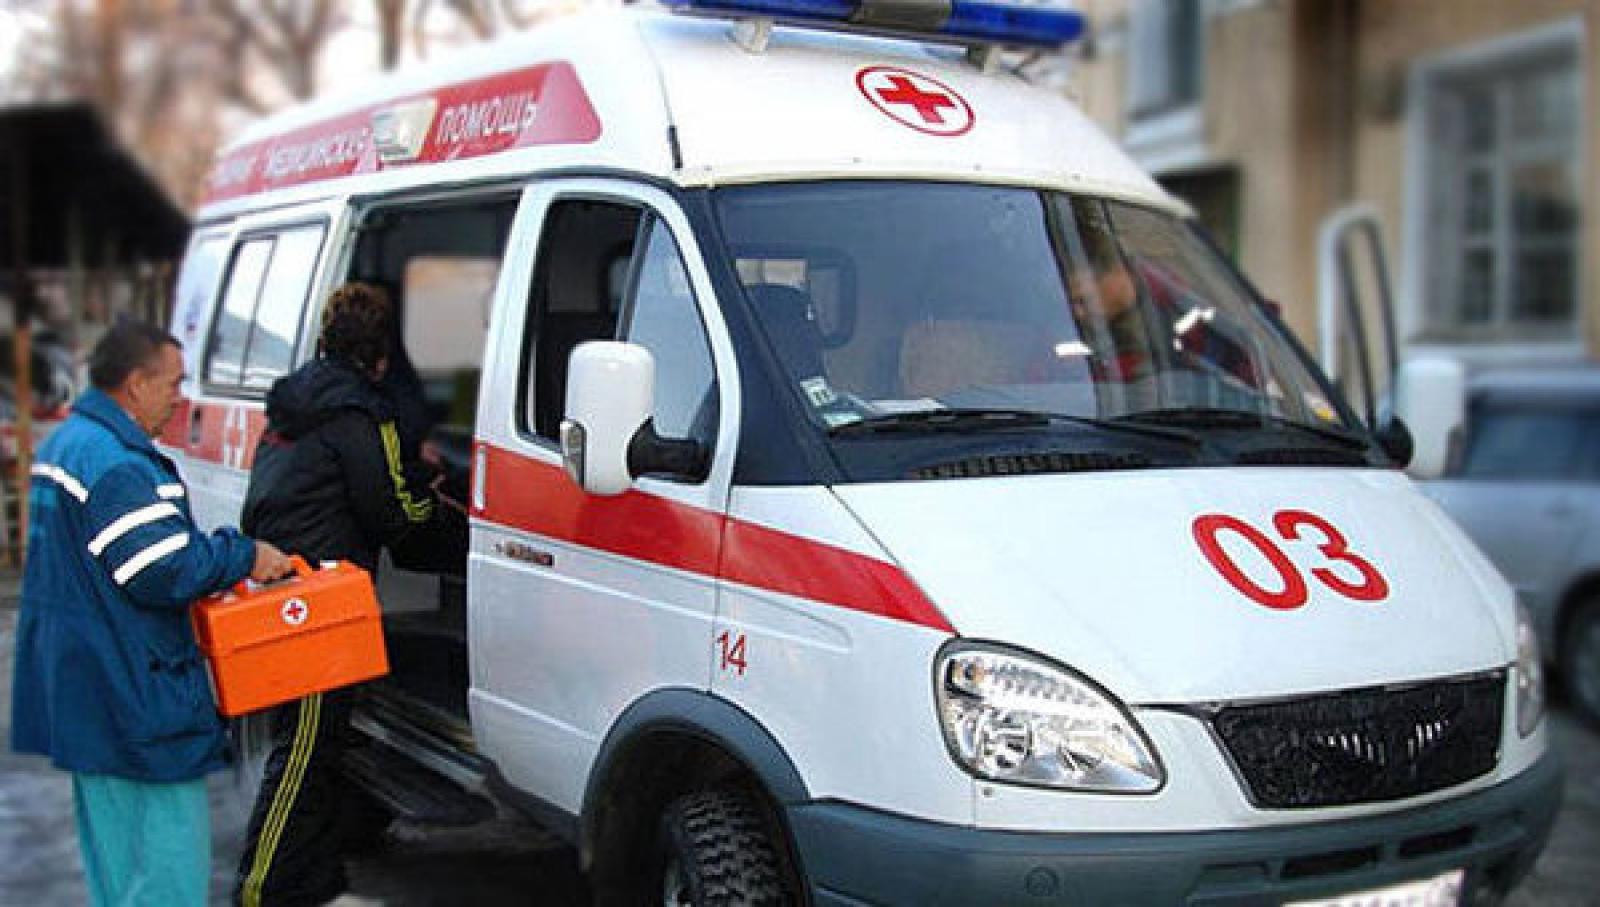 ВБурятии насмерть разбился двухлетний ребёнок, упав с четвертого этажа